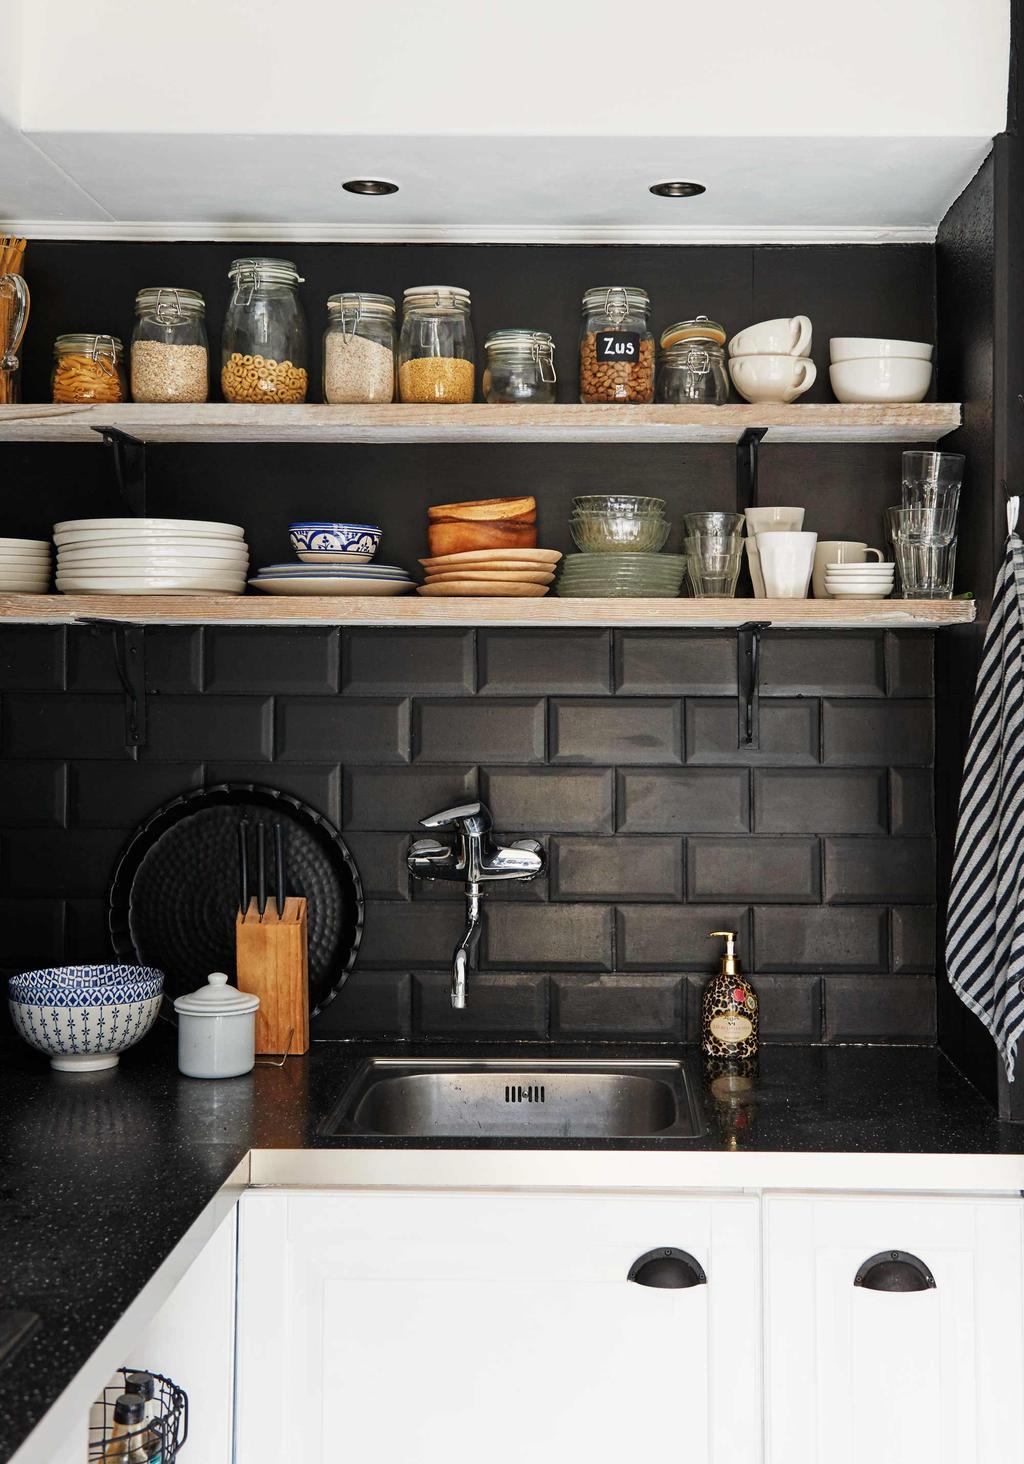 zwart-wit keuken